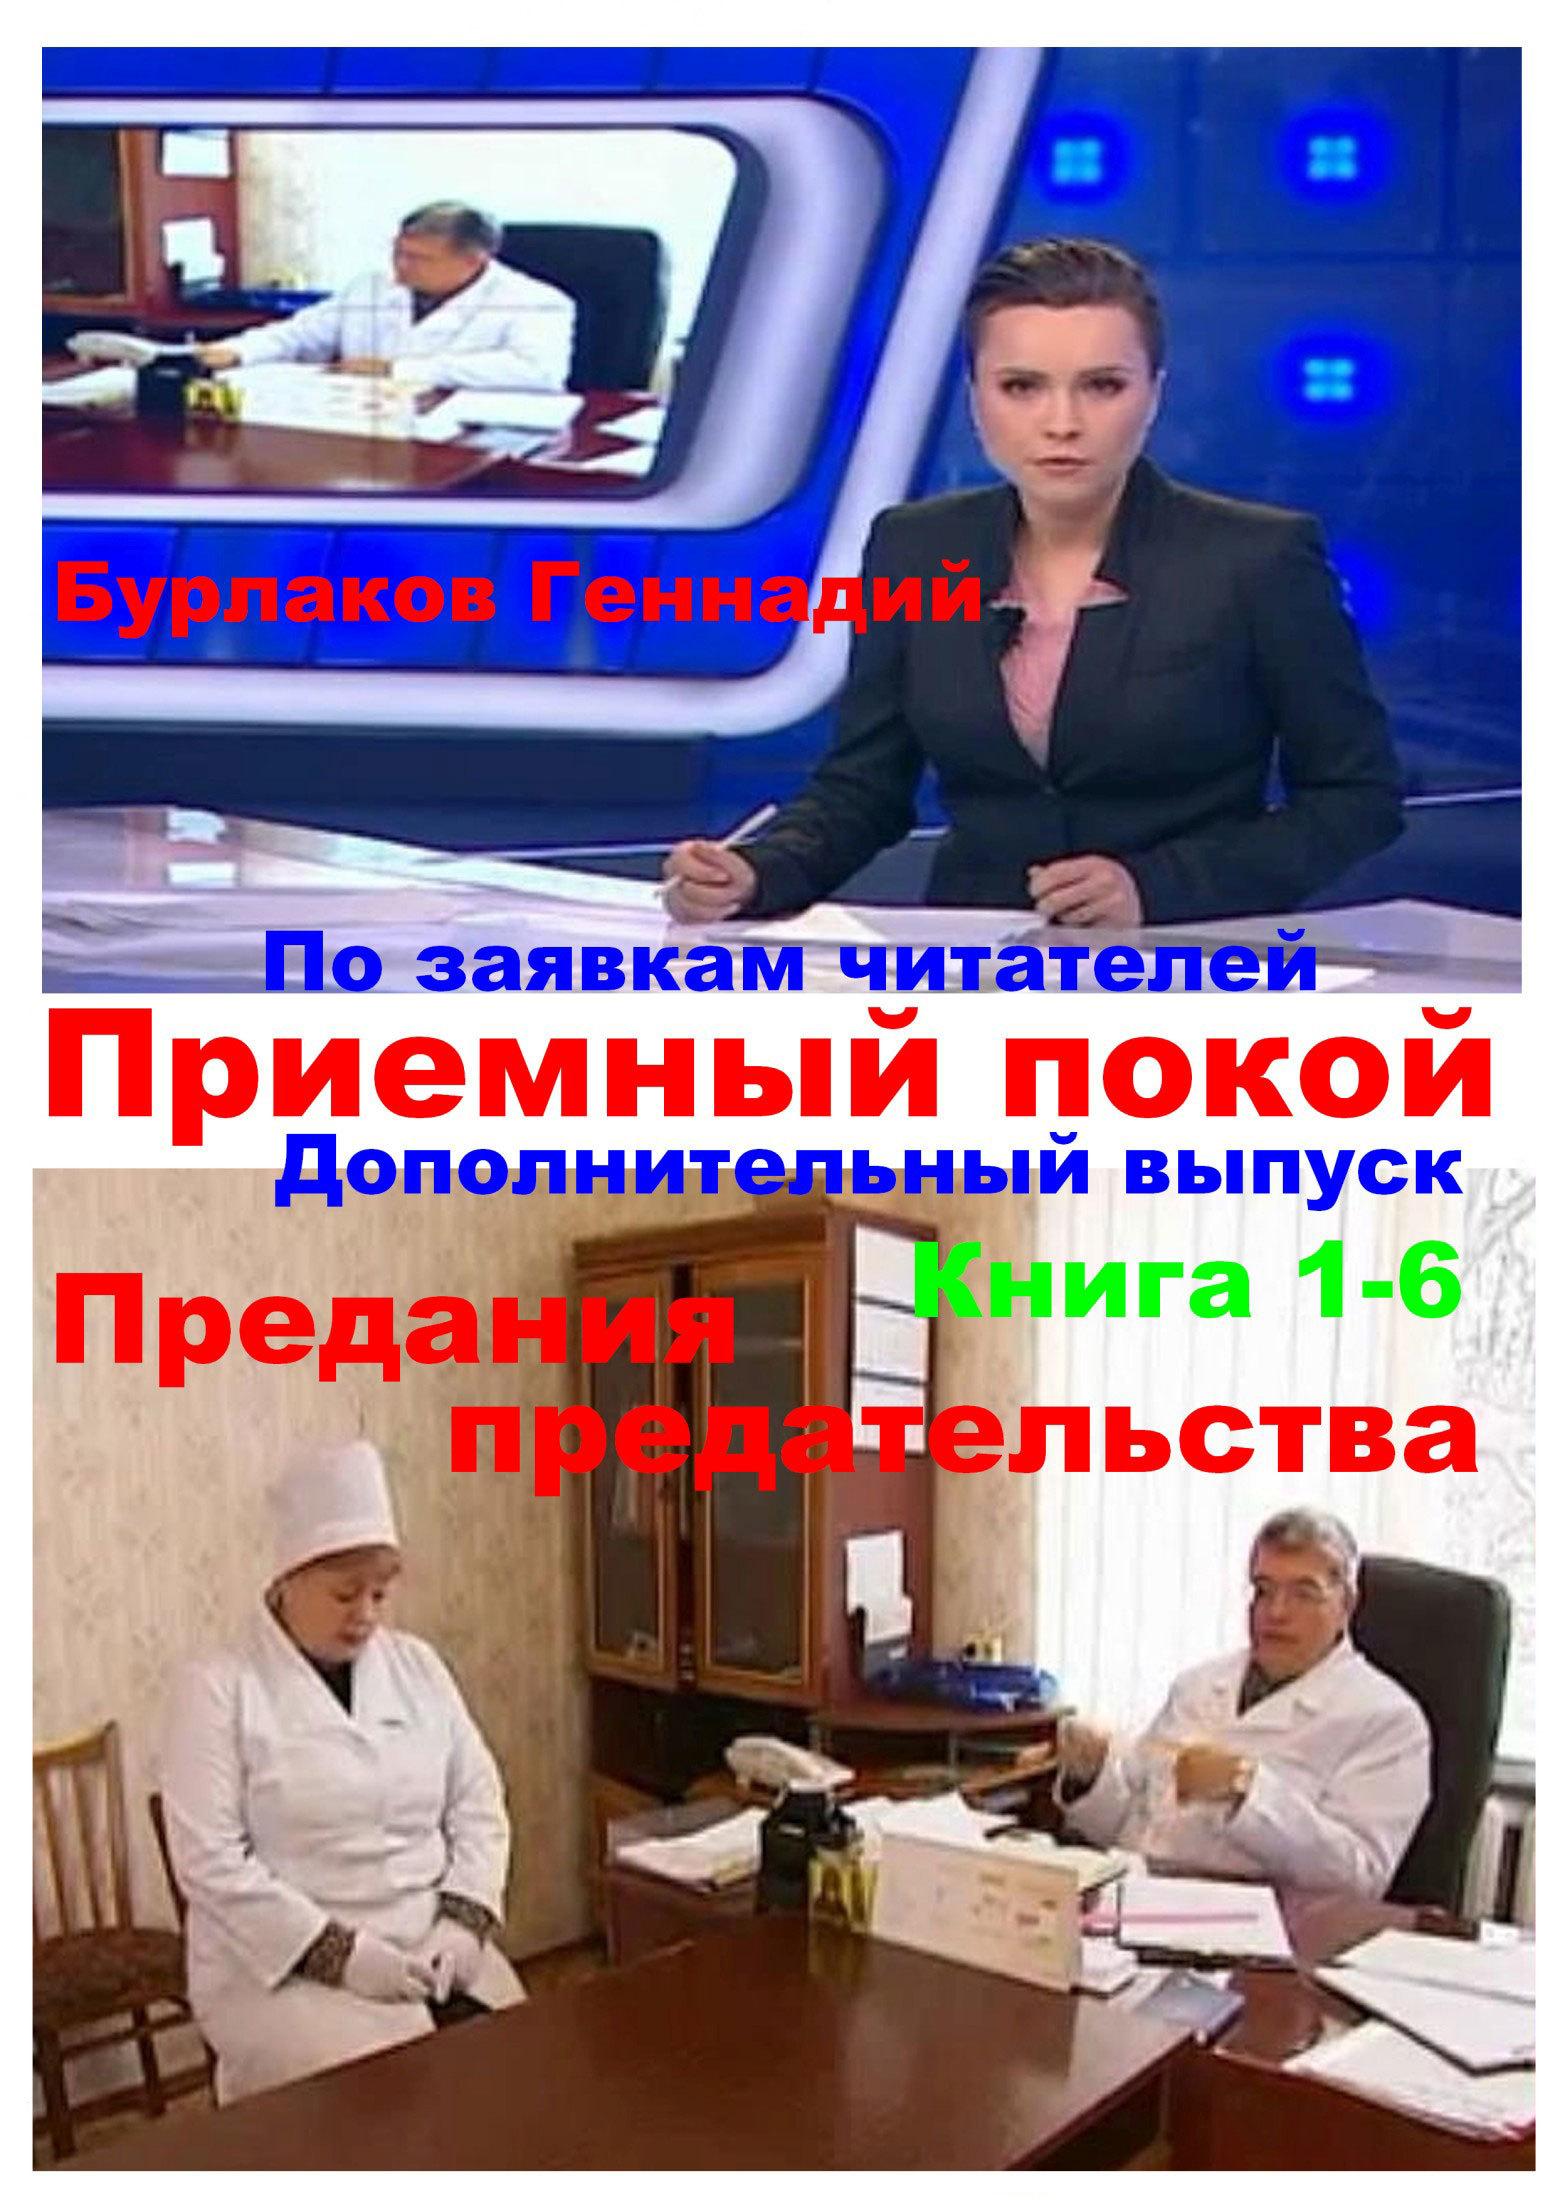 Геннадий Анатольевич Бурлаков Приемный покой. Книга 1-6. Предания предательства